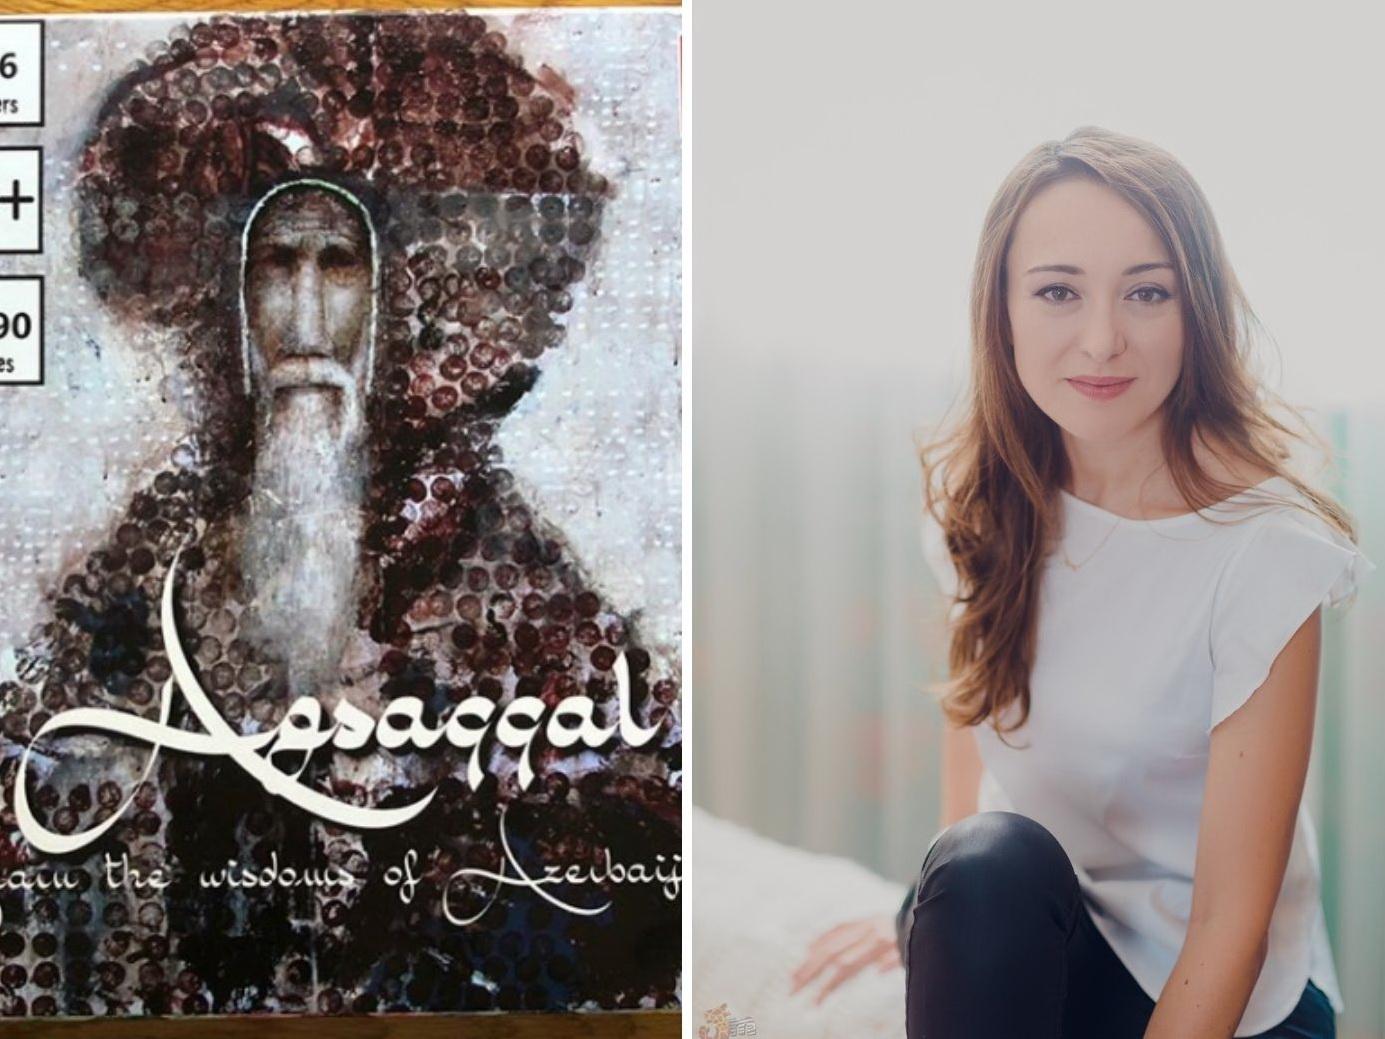 Живущая в Париже азербайджанка создала настольную игру об истории и традициях своей Родины - ФОТО